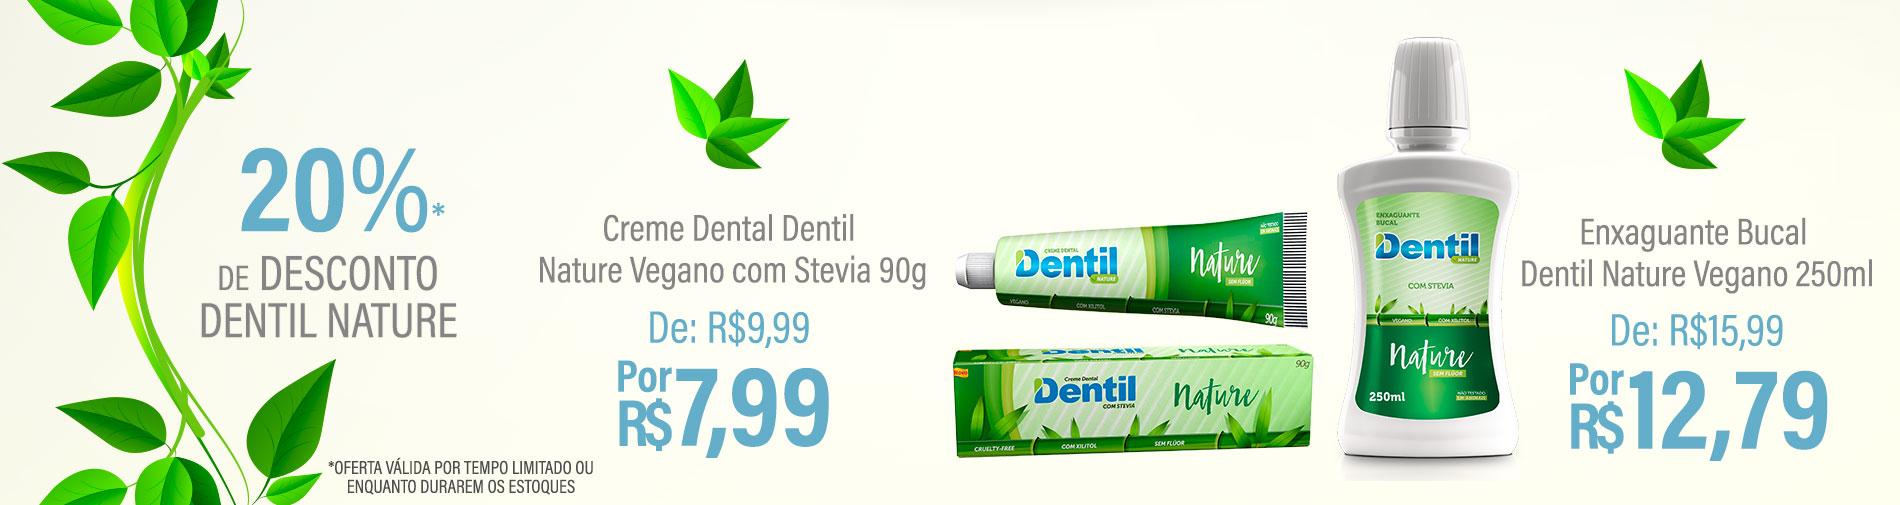 20% Dentil